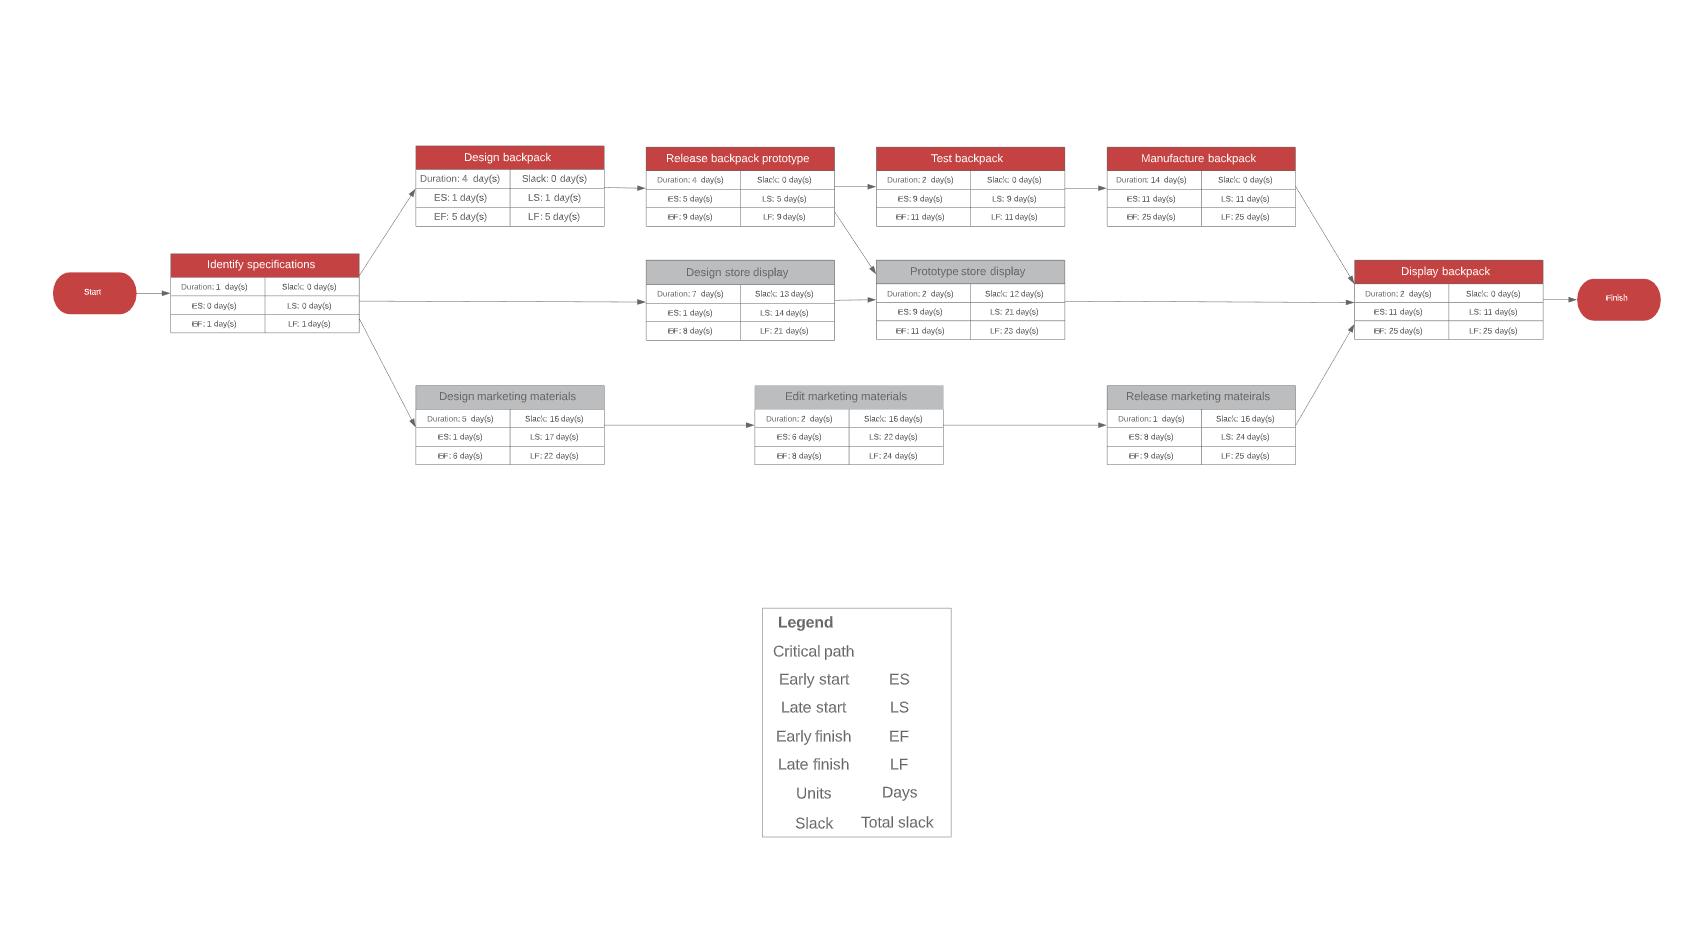 Netzwerk PERT Diagramm Vorlage